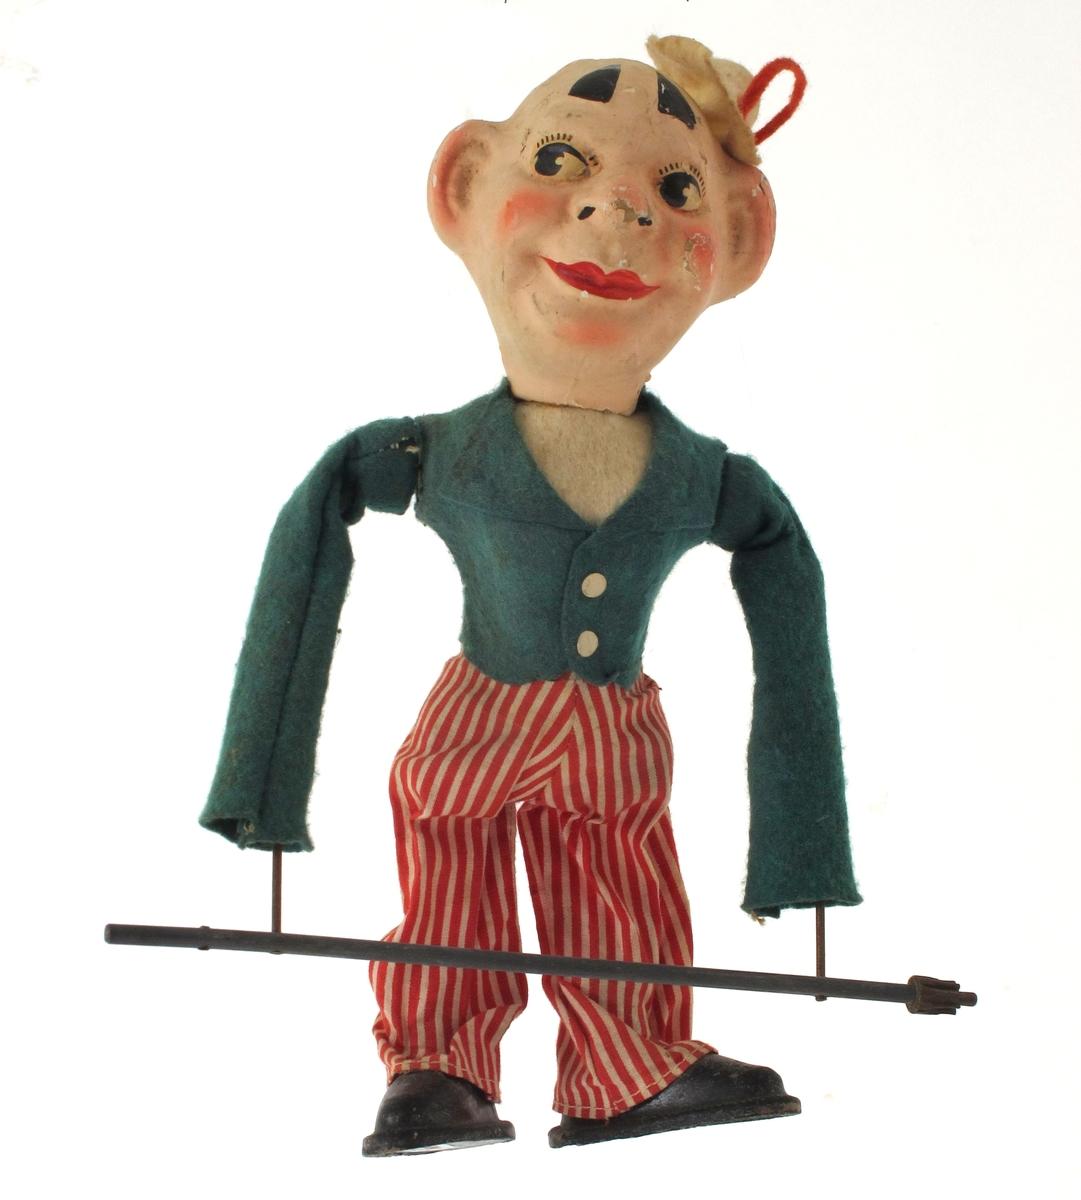 Klovnfigur, hode og bryst av pappmasje e.l. Grønn jakke og rødstripete bukser og hvit hatt.  Påmontert svingstang av metall. Sorte sydde sko.